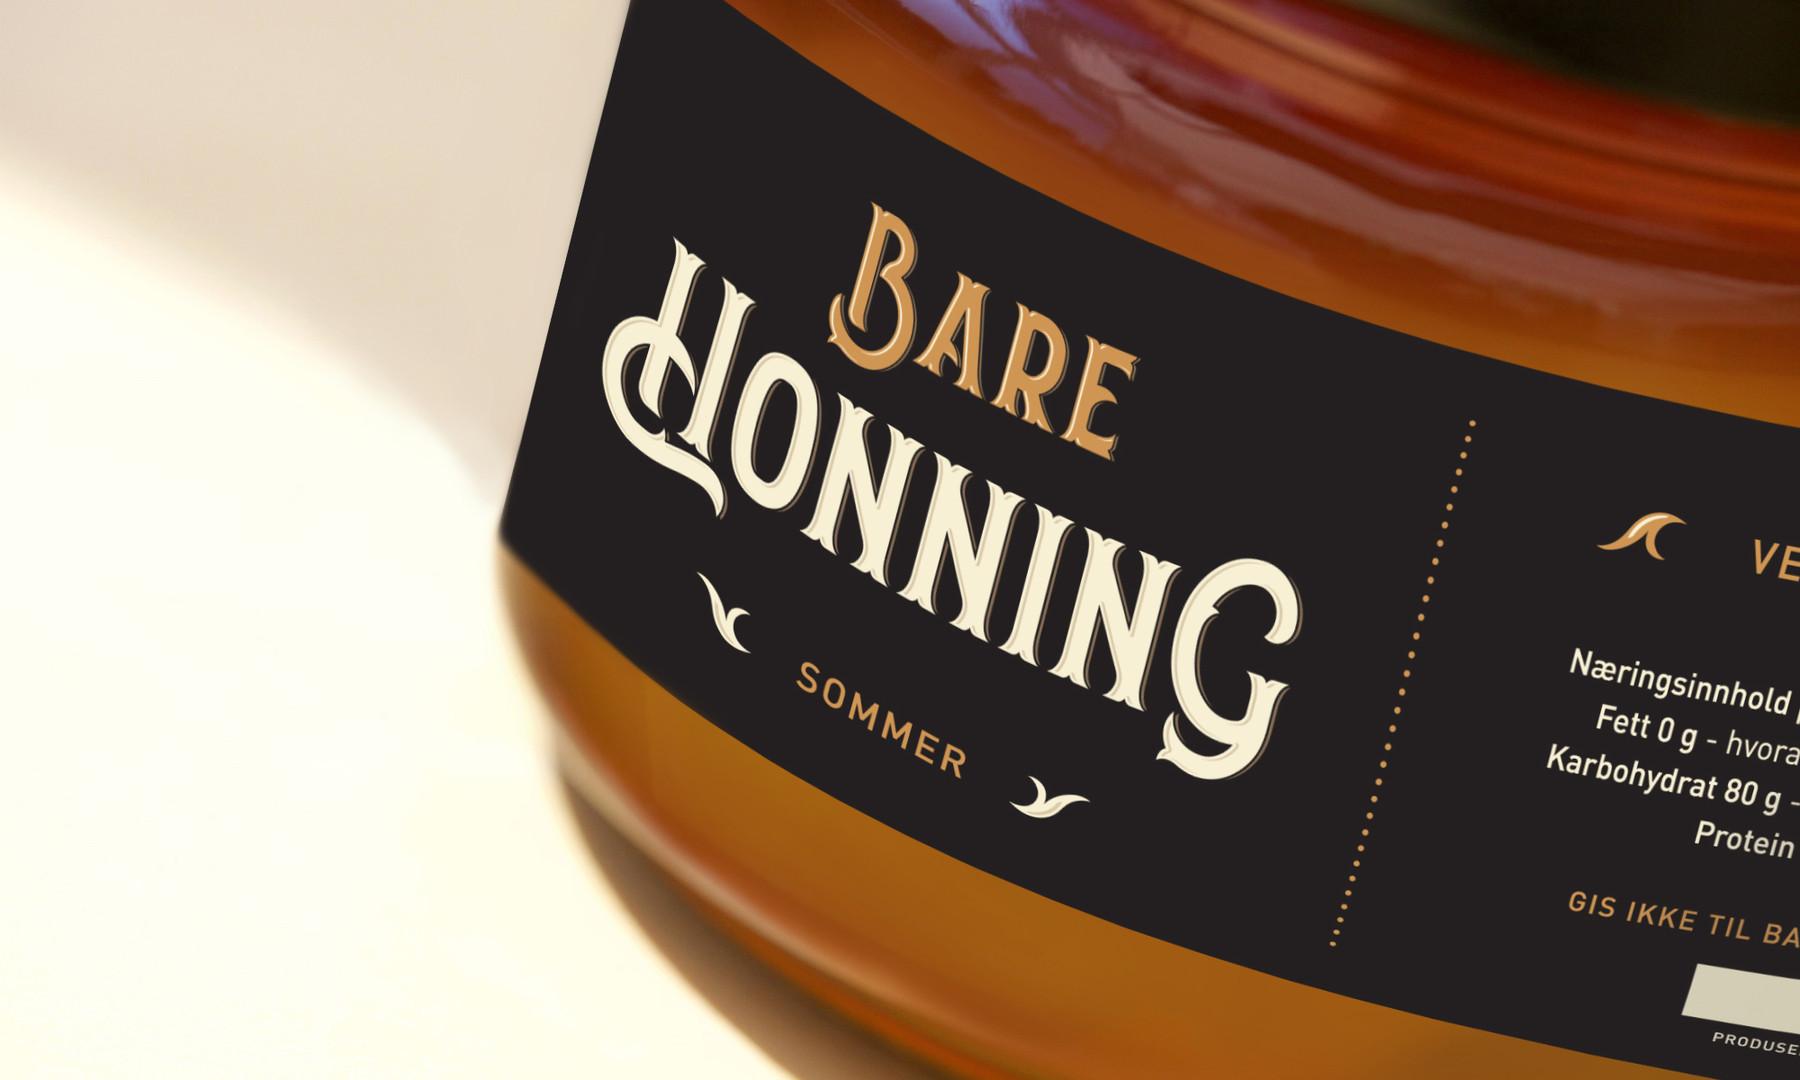 Bare honning sommer krukke